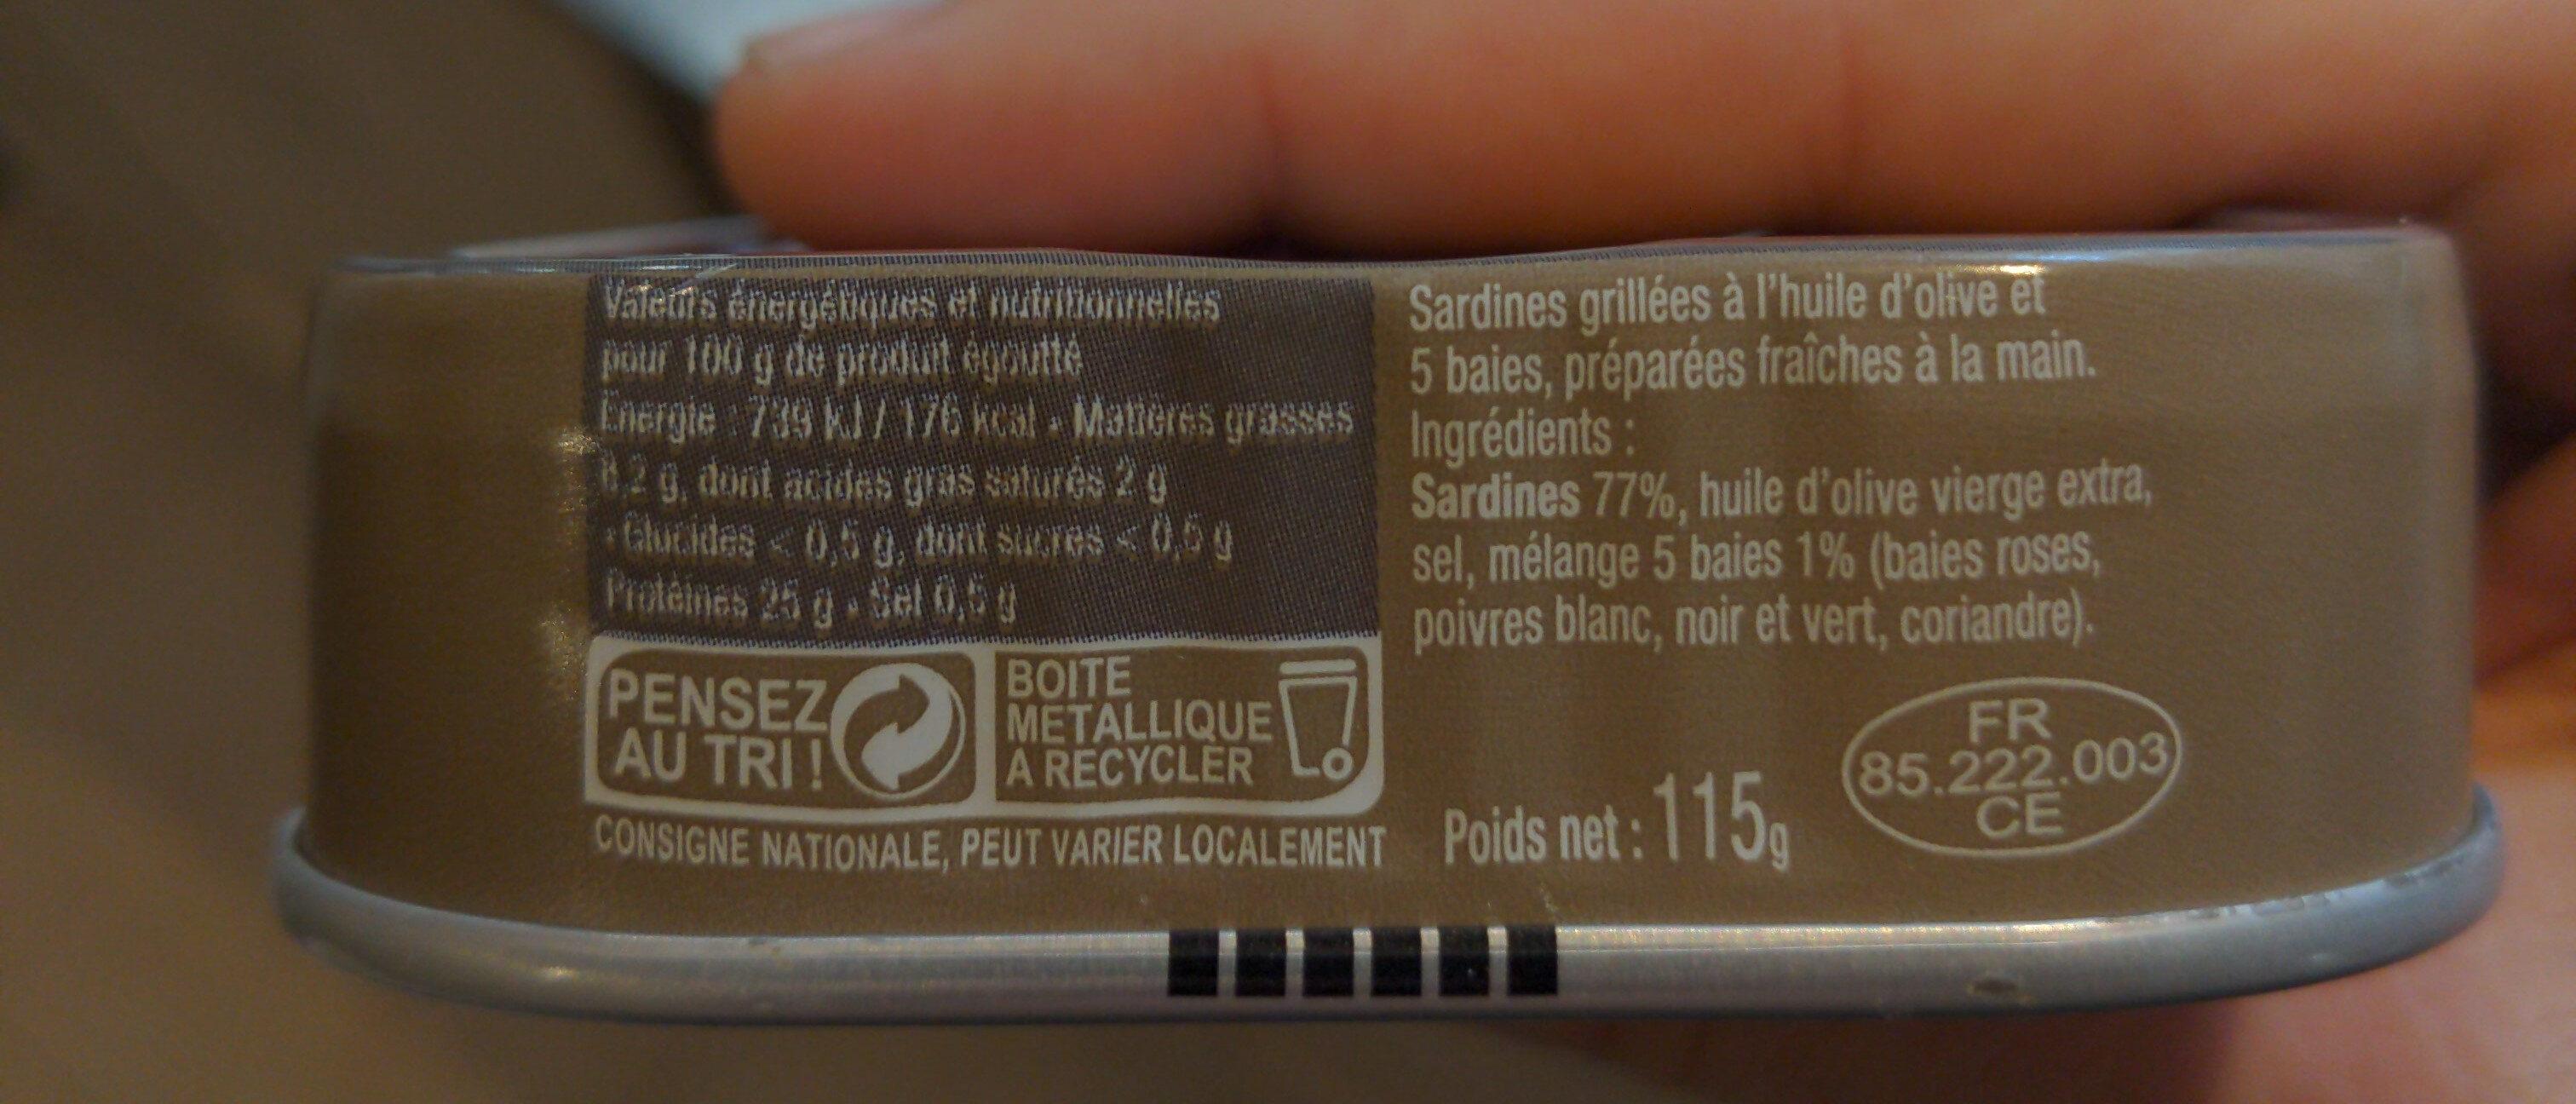 Sardines grillées aux cinq baies - Informations nutritionnelles - fr